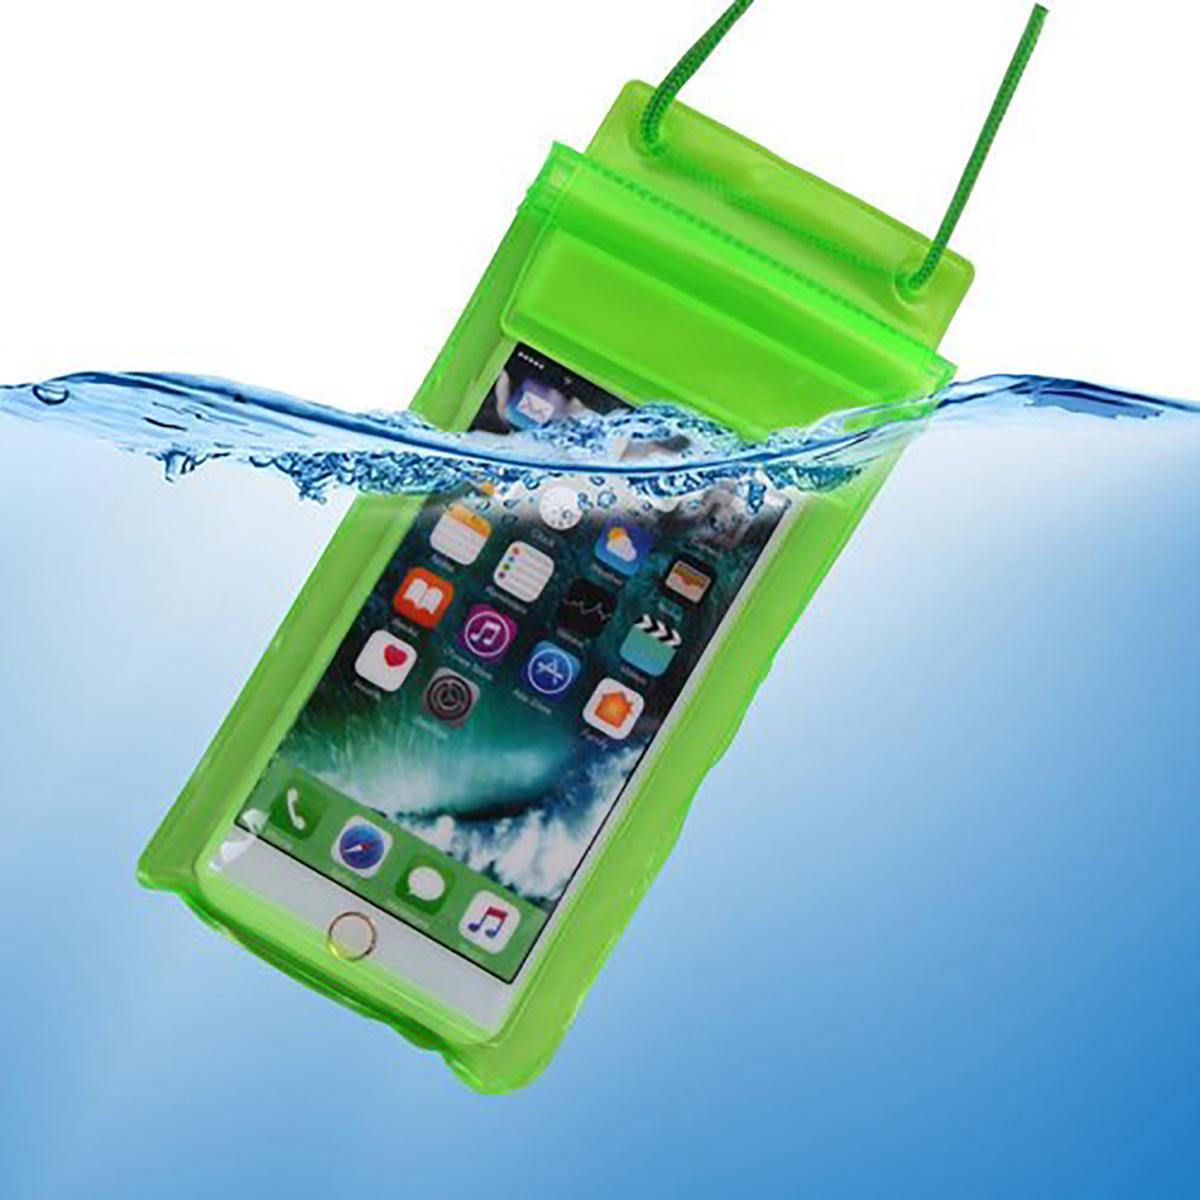 کیف ضد آب مدل F22 مناسب برای گوشی موبایل تا سایز 6.3 اینچ main 1 2